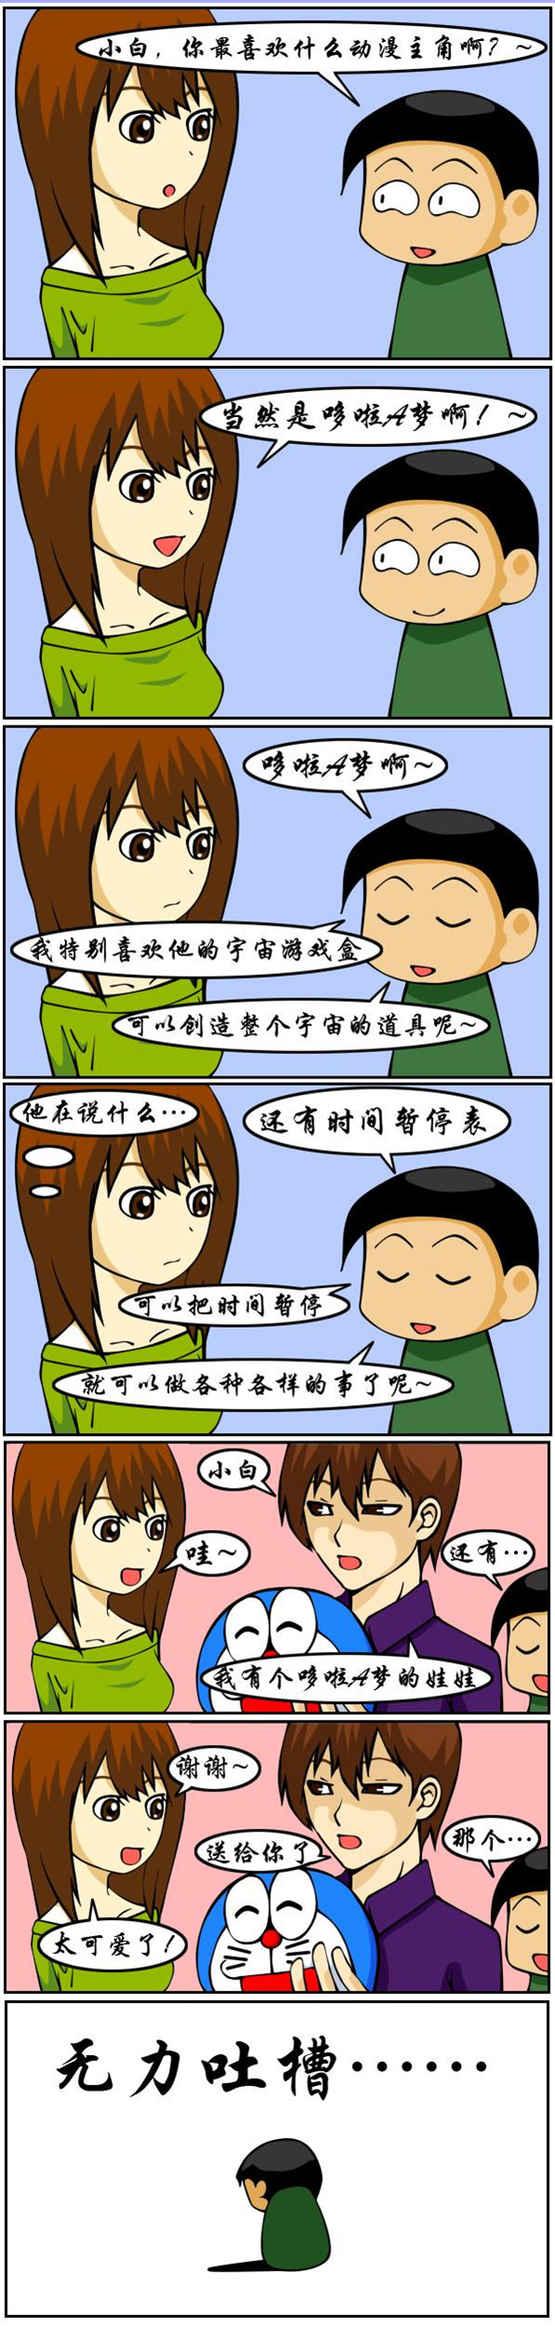 高帅富VS屌丝之间的区别~~~~!!!